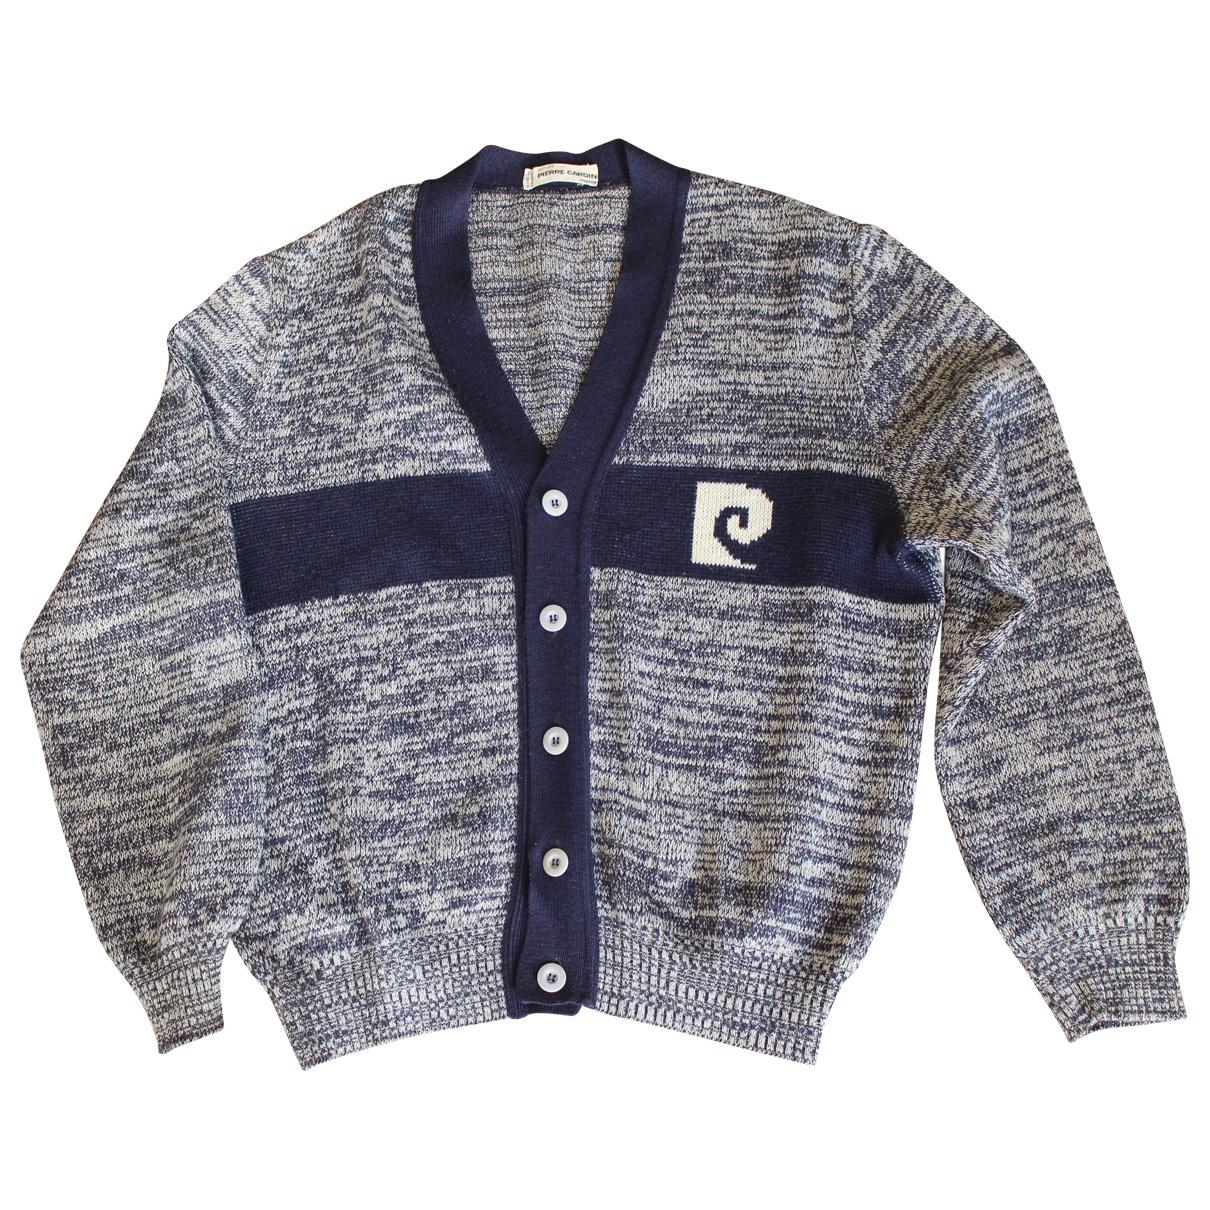 Pierre Cardin \N Blue Wool Knitwear & Sweatshirts for Men 5 0 - 6